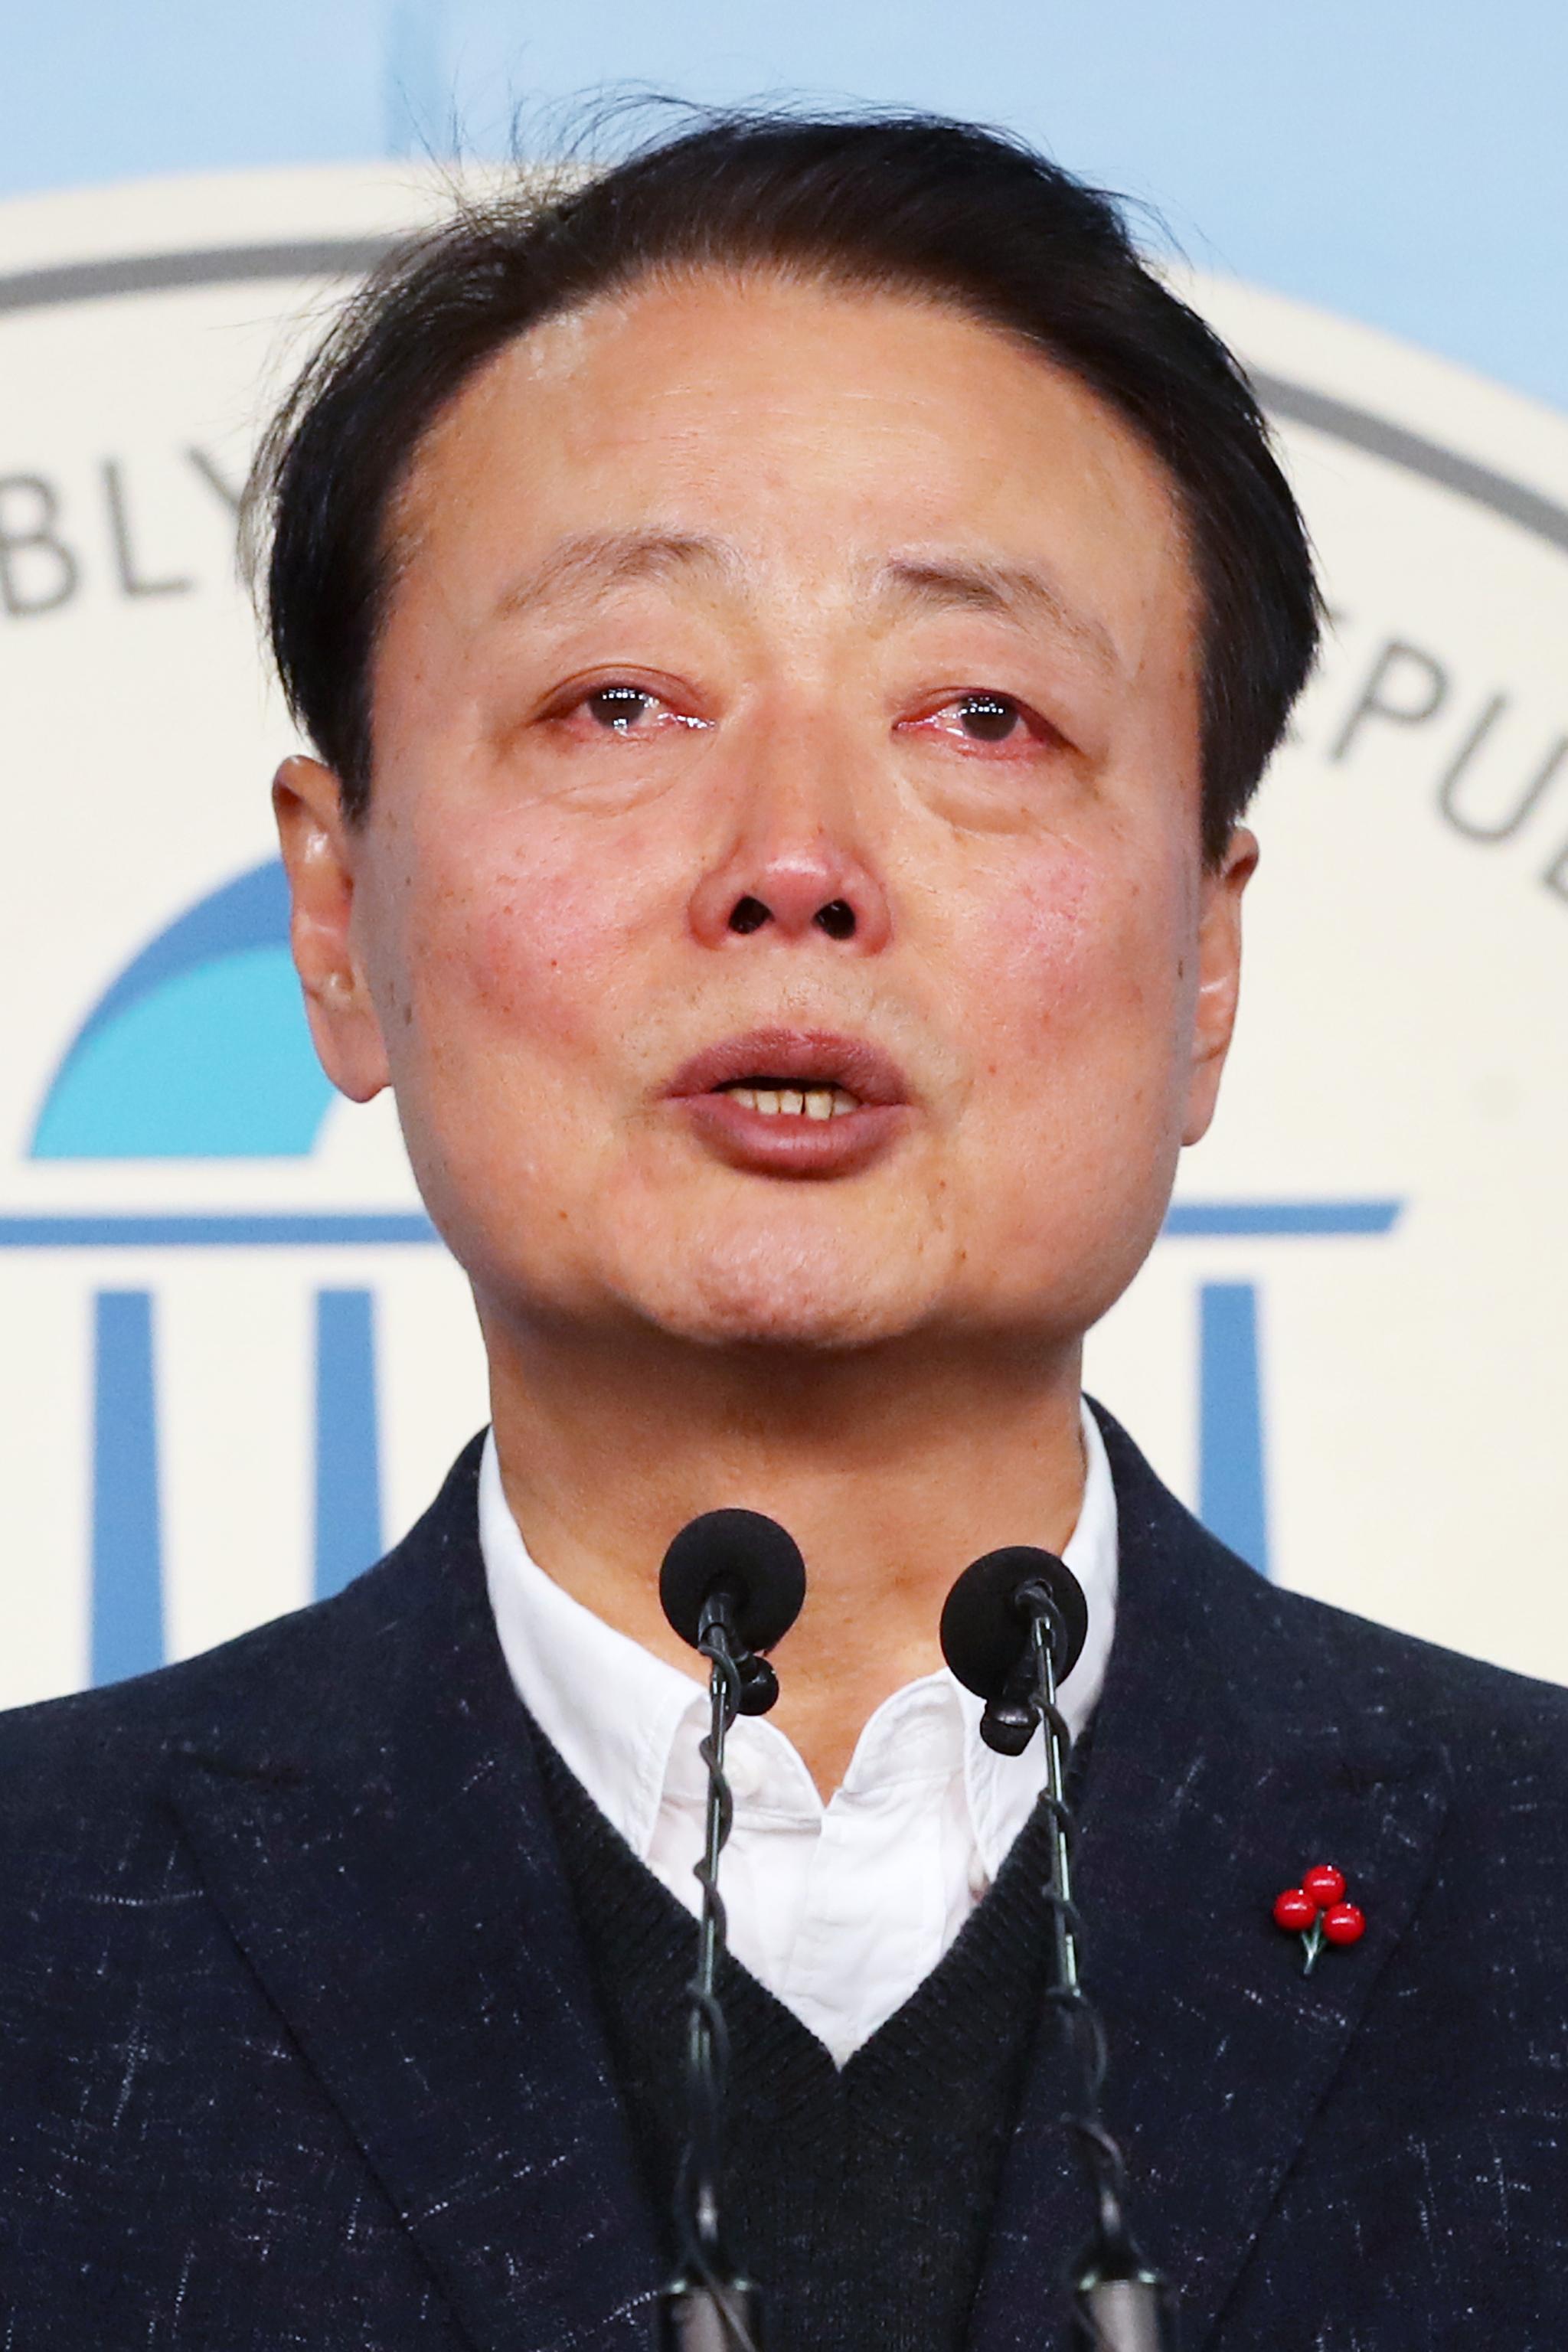 한선교 자유한국당 의원이 2일 오전 서울 여의도 국회 정론관에서 21대 총선 불출마 선언을 하며 눈물을 흘리고 있다. [뉴스1]